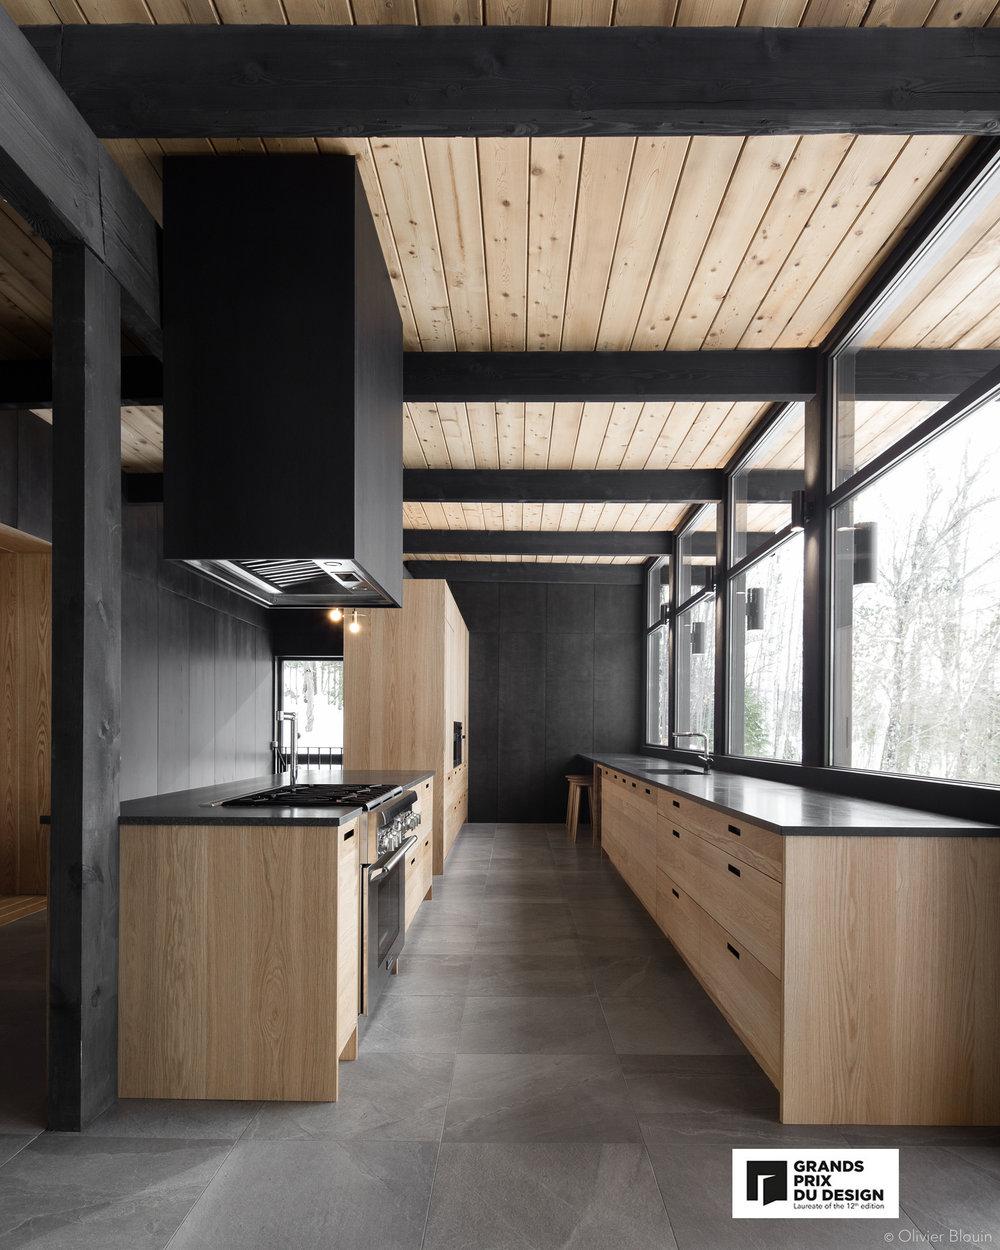 photo credits:    Olivier Blouin    / collaboration:    Dupont Blouin architectes     Grands Prix du Design, Kitchen award, Dupont Blouin Architectes.